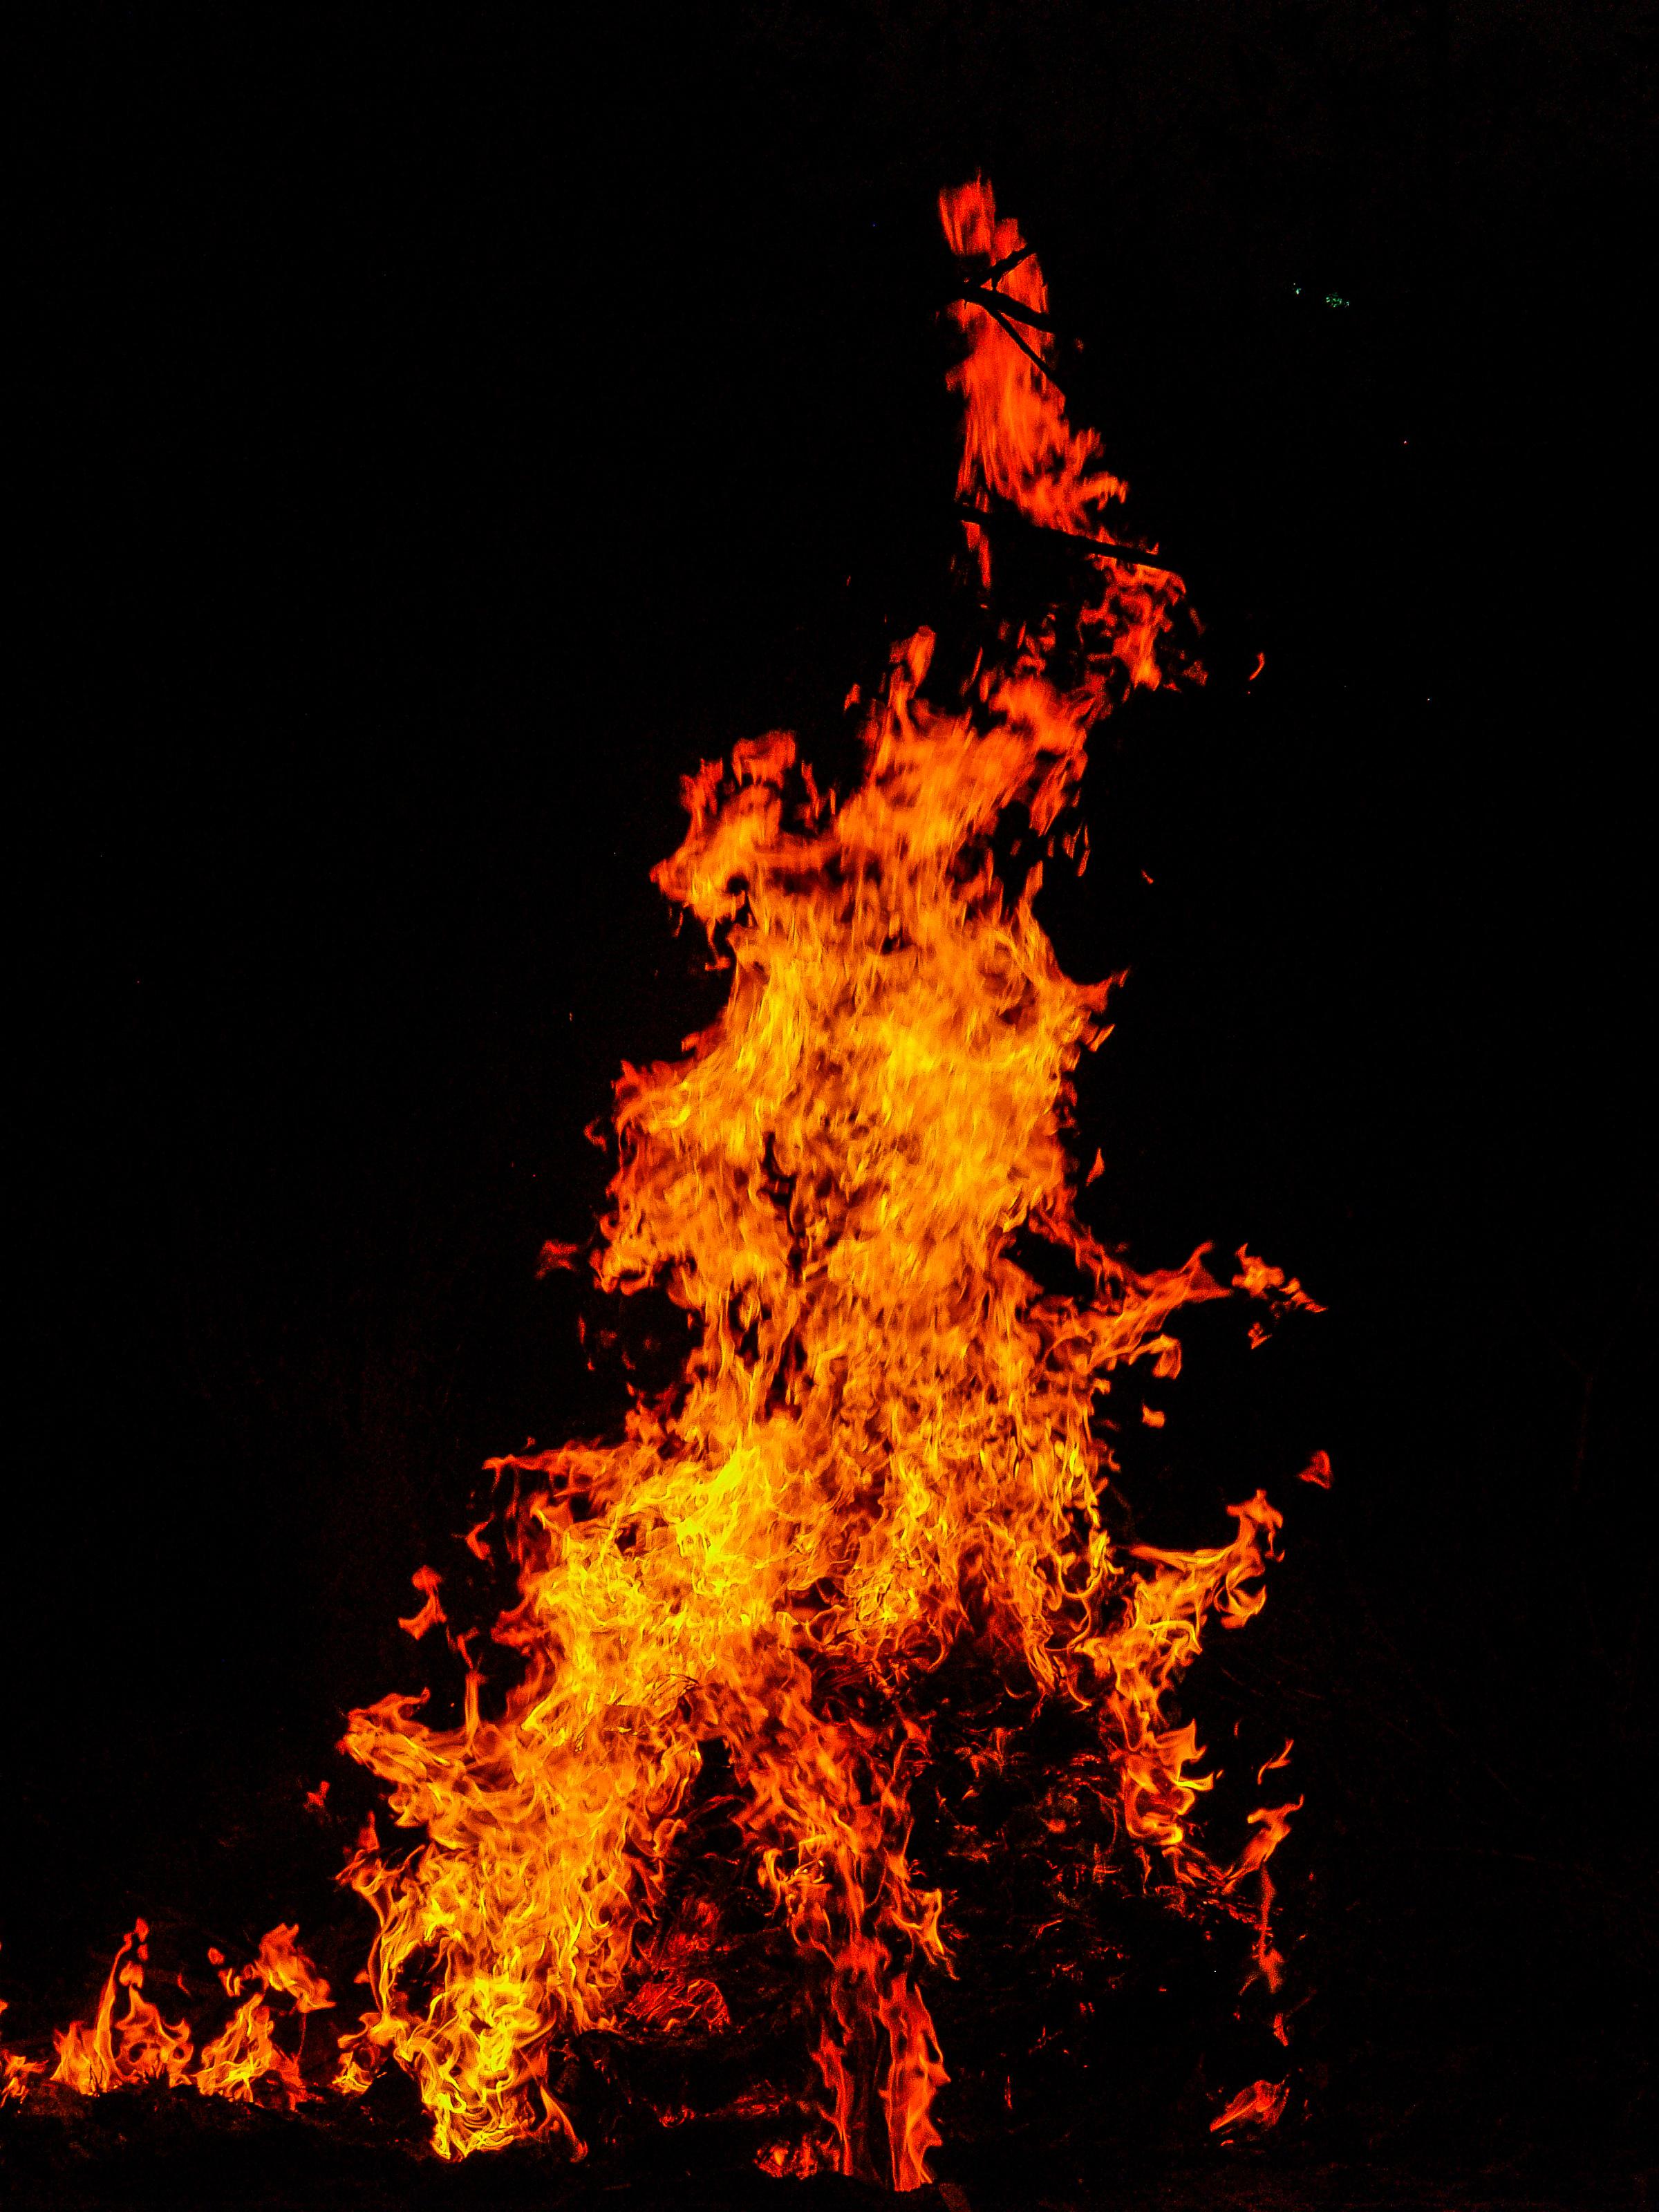 hình ảnh : trừu tượng, lý lịch, tiệc nướng ngoài trời, đen, Ngọn lửa, Rực rỡ, Đốt lửa, đốt cháy, Lửa trại, Gần, Nguy hiểm, nguy hiểm, tối, Thiết kế, ...